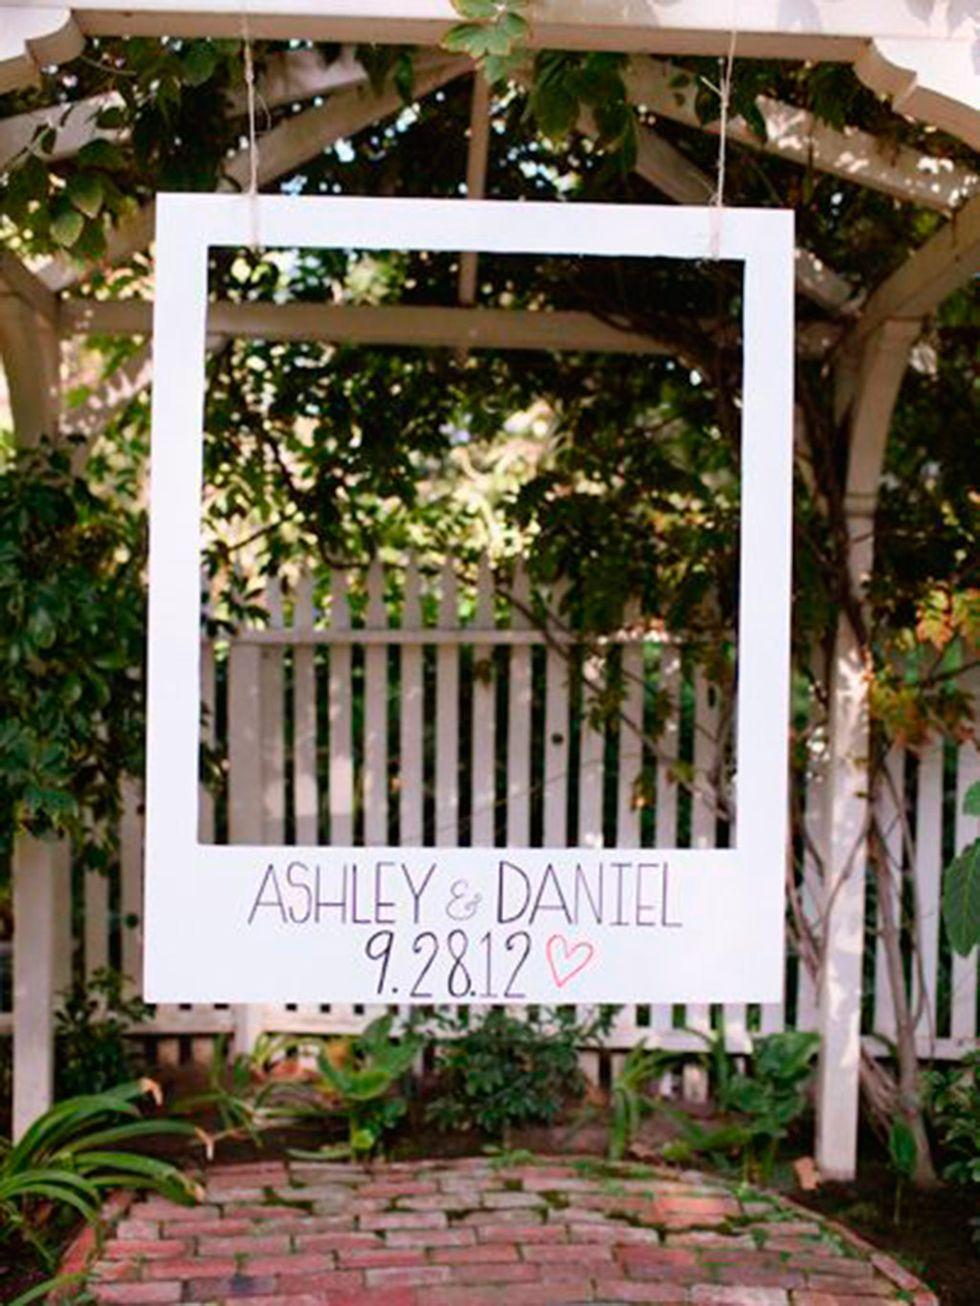 22 detalles que no pueden faltar en tu boda